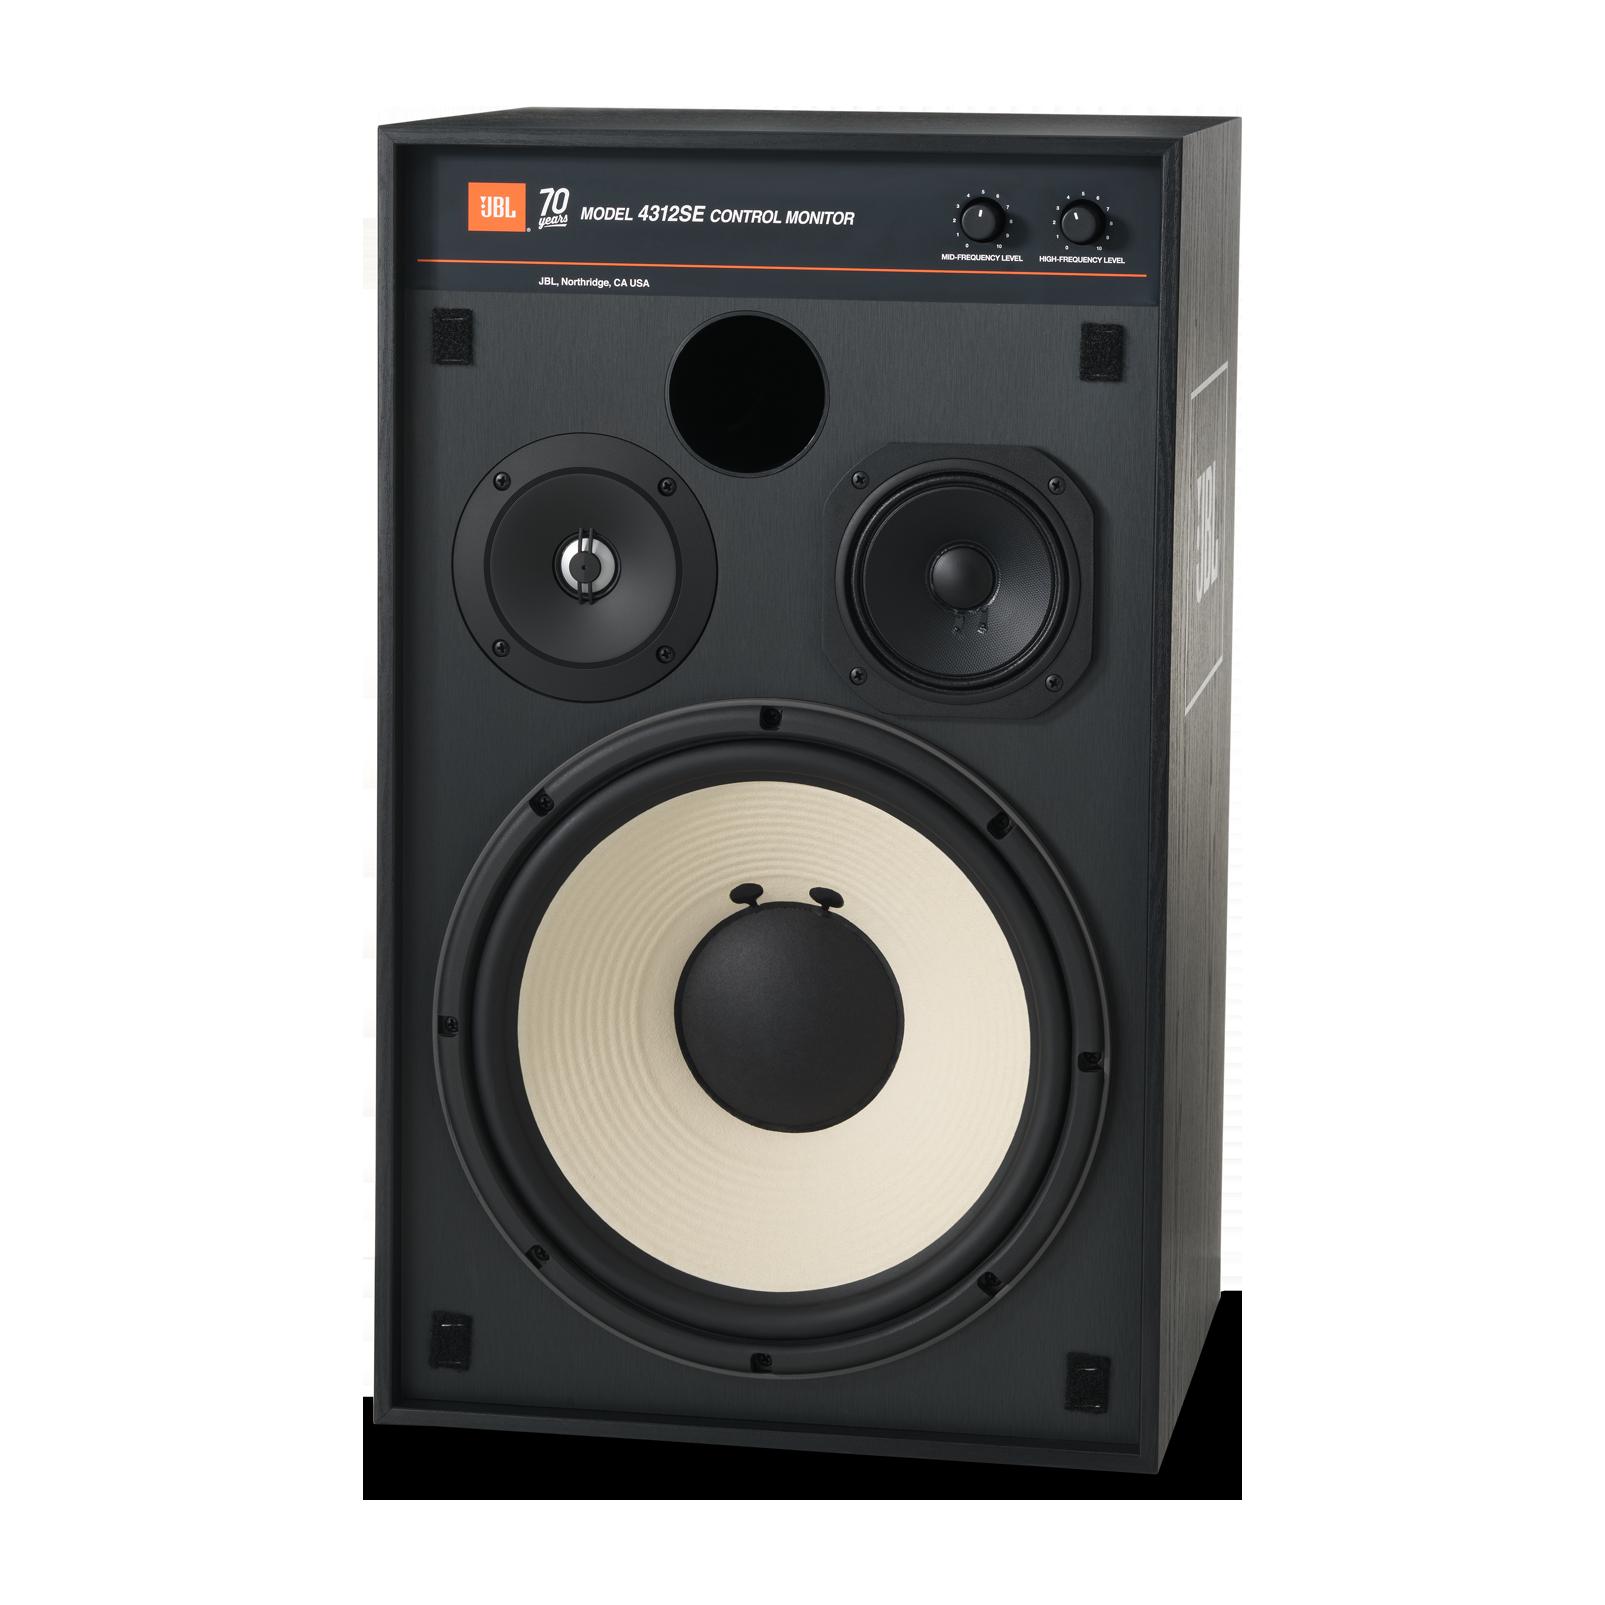 4312SE - Black - JBL 4312SE Studio Monitor Bookshelf Loudspeaker - Detailshot 3